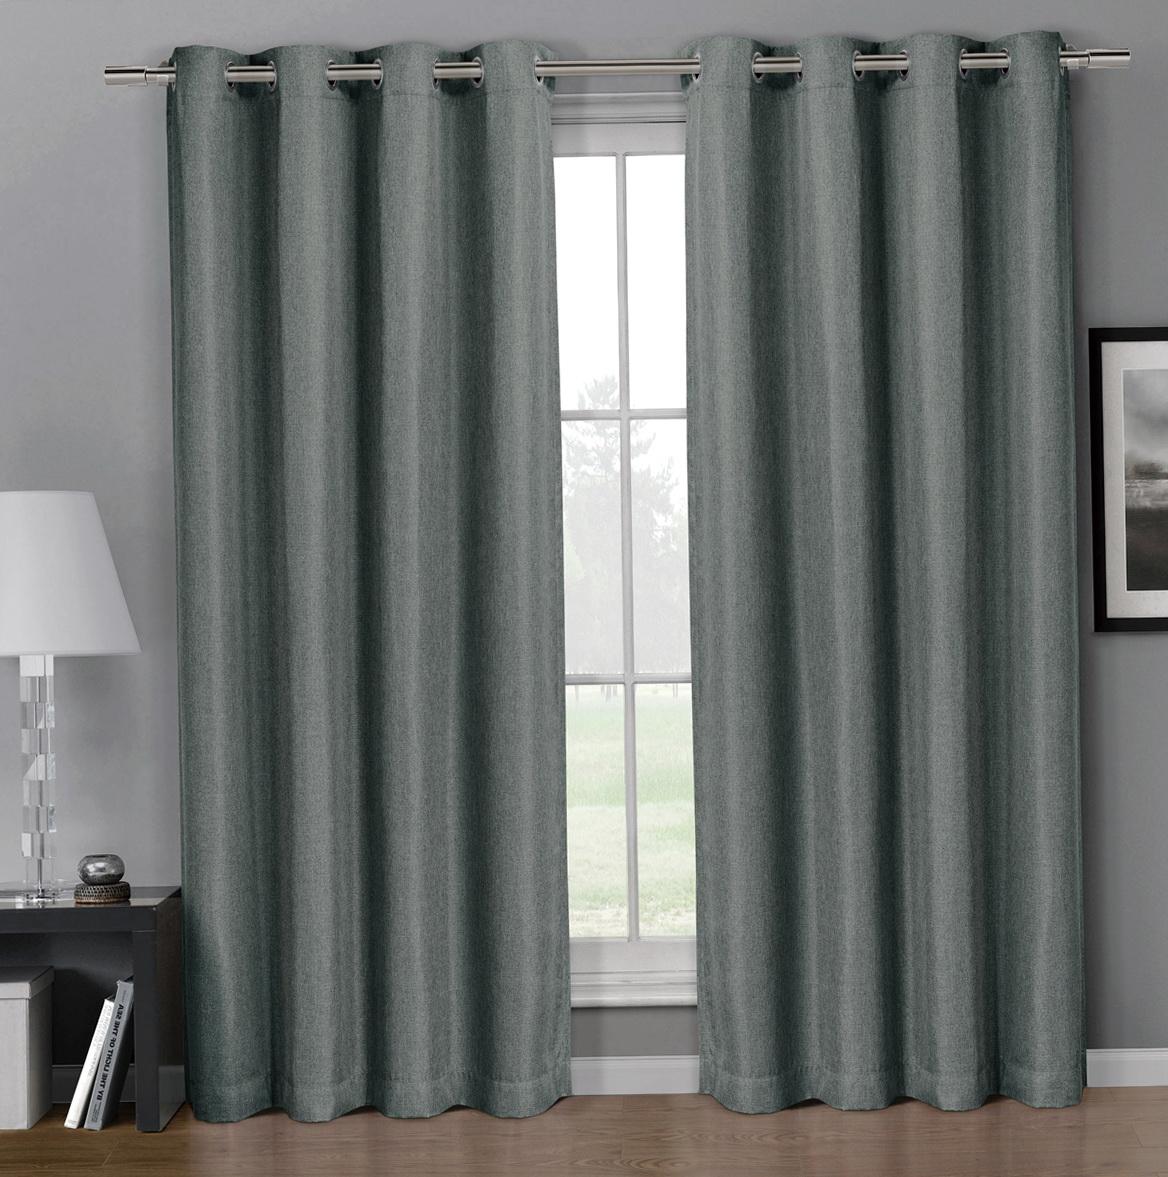 Faux Linen Curtains 96